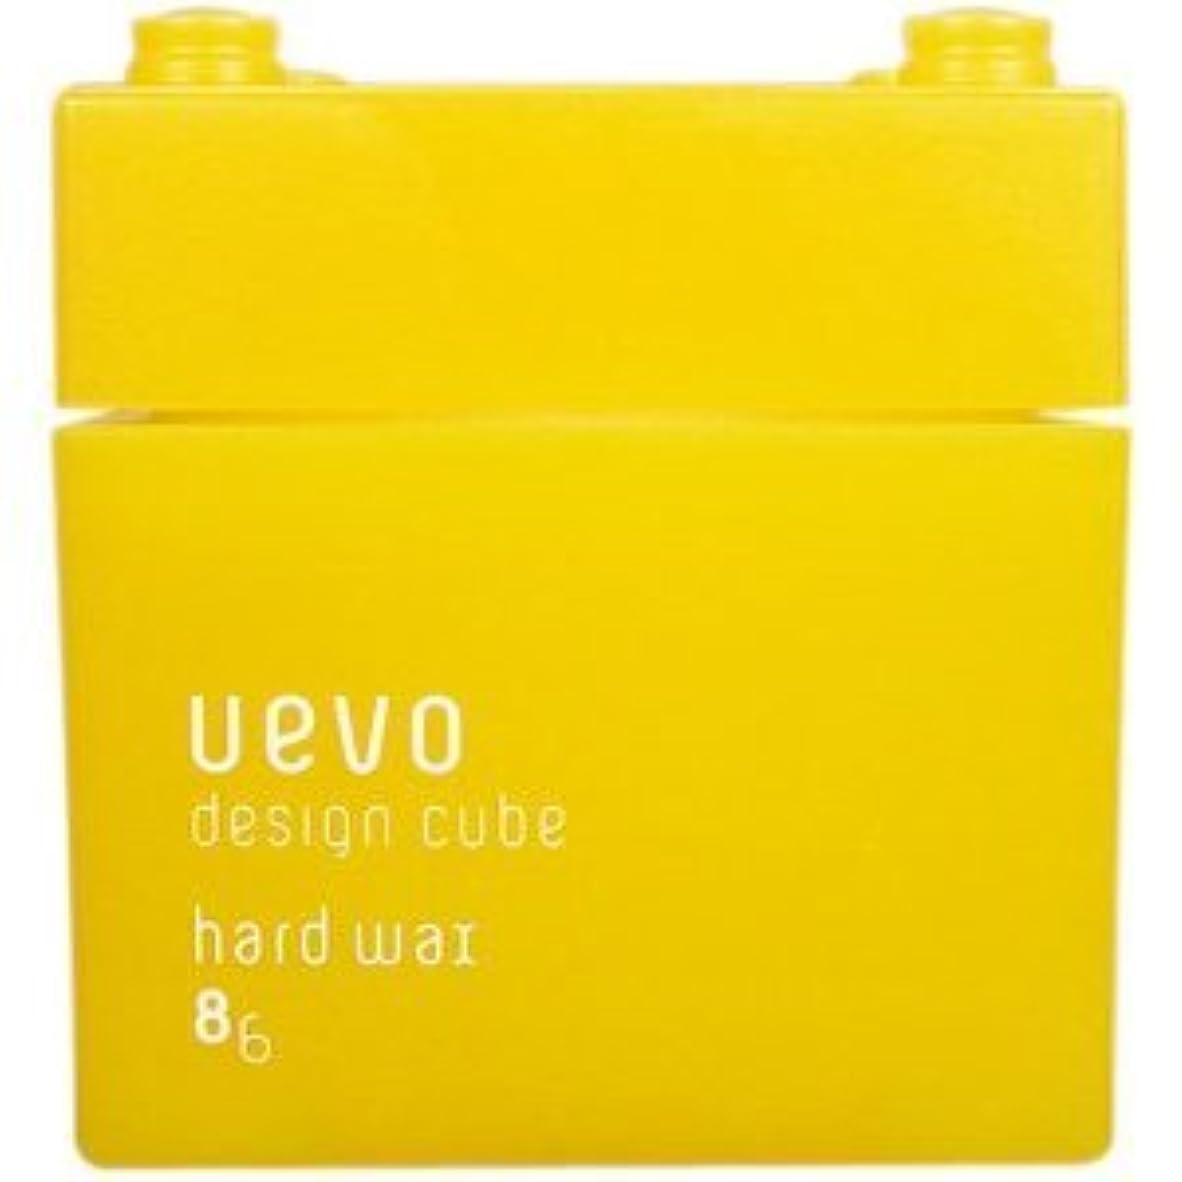 カヌー浮くフォアマン【X3個セット】 デミ ウェーボ デザインキューブ ハードワックス 80g hard wax DEMI uevo design cube